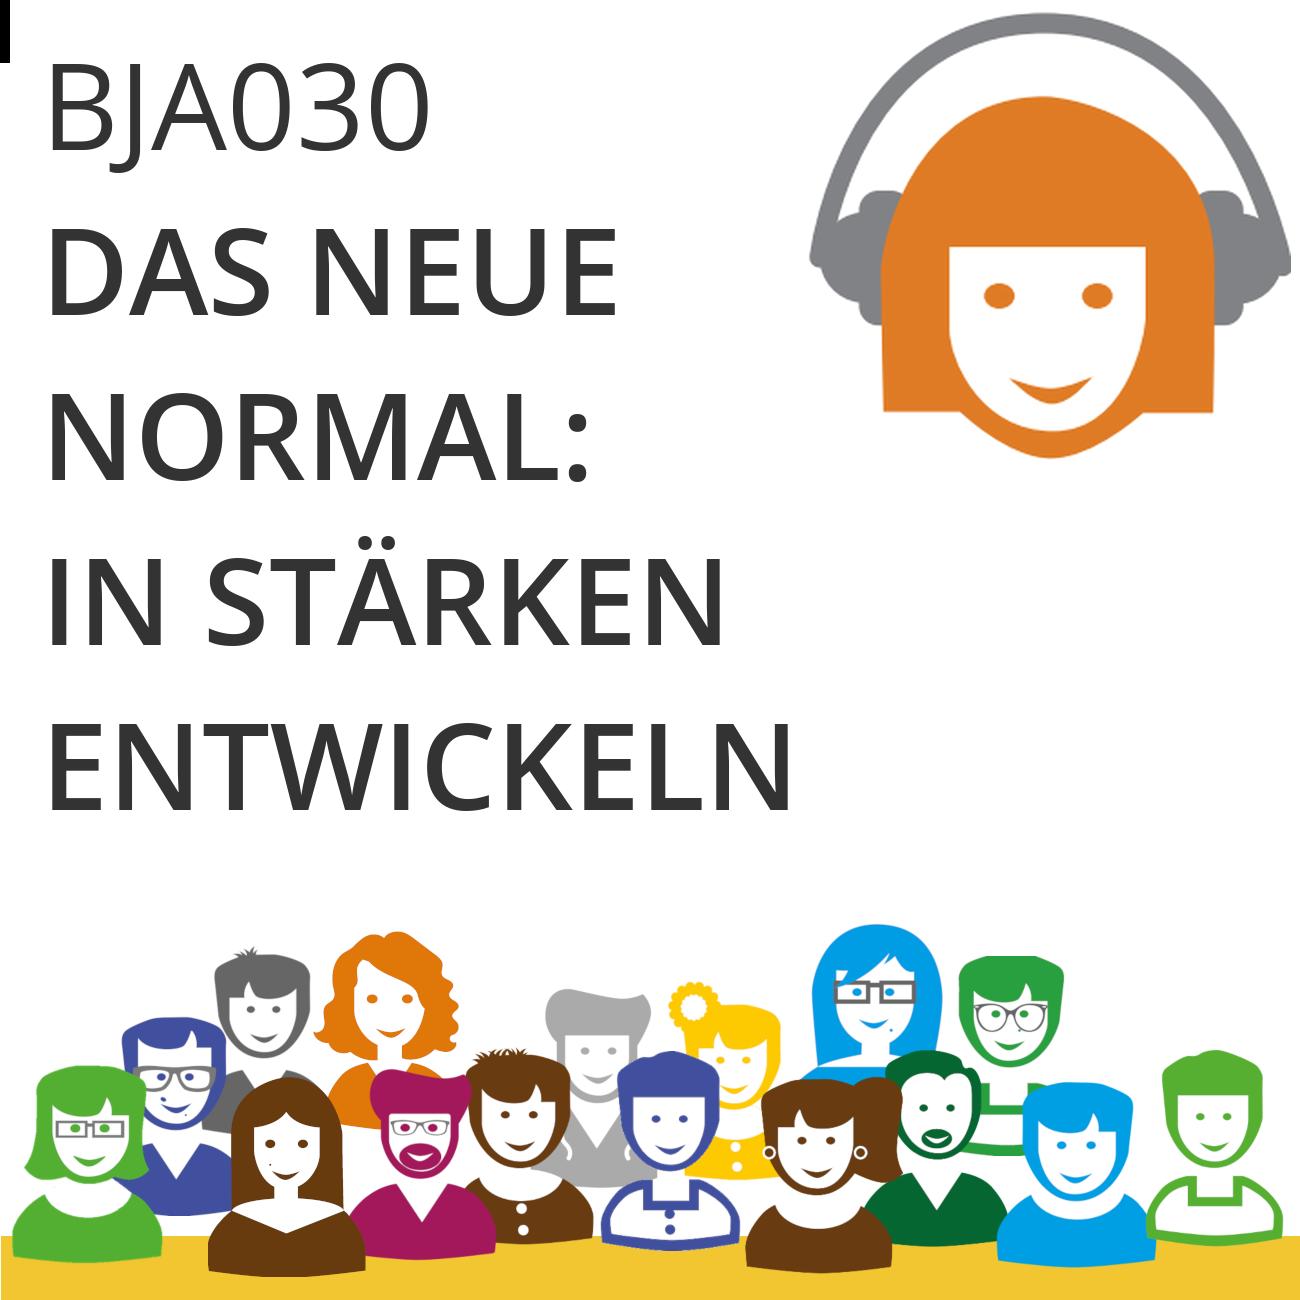 BJA030 | Das neue Normal: In Stärken entwickeln